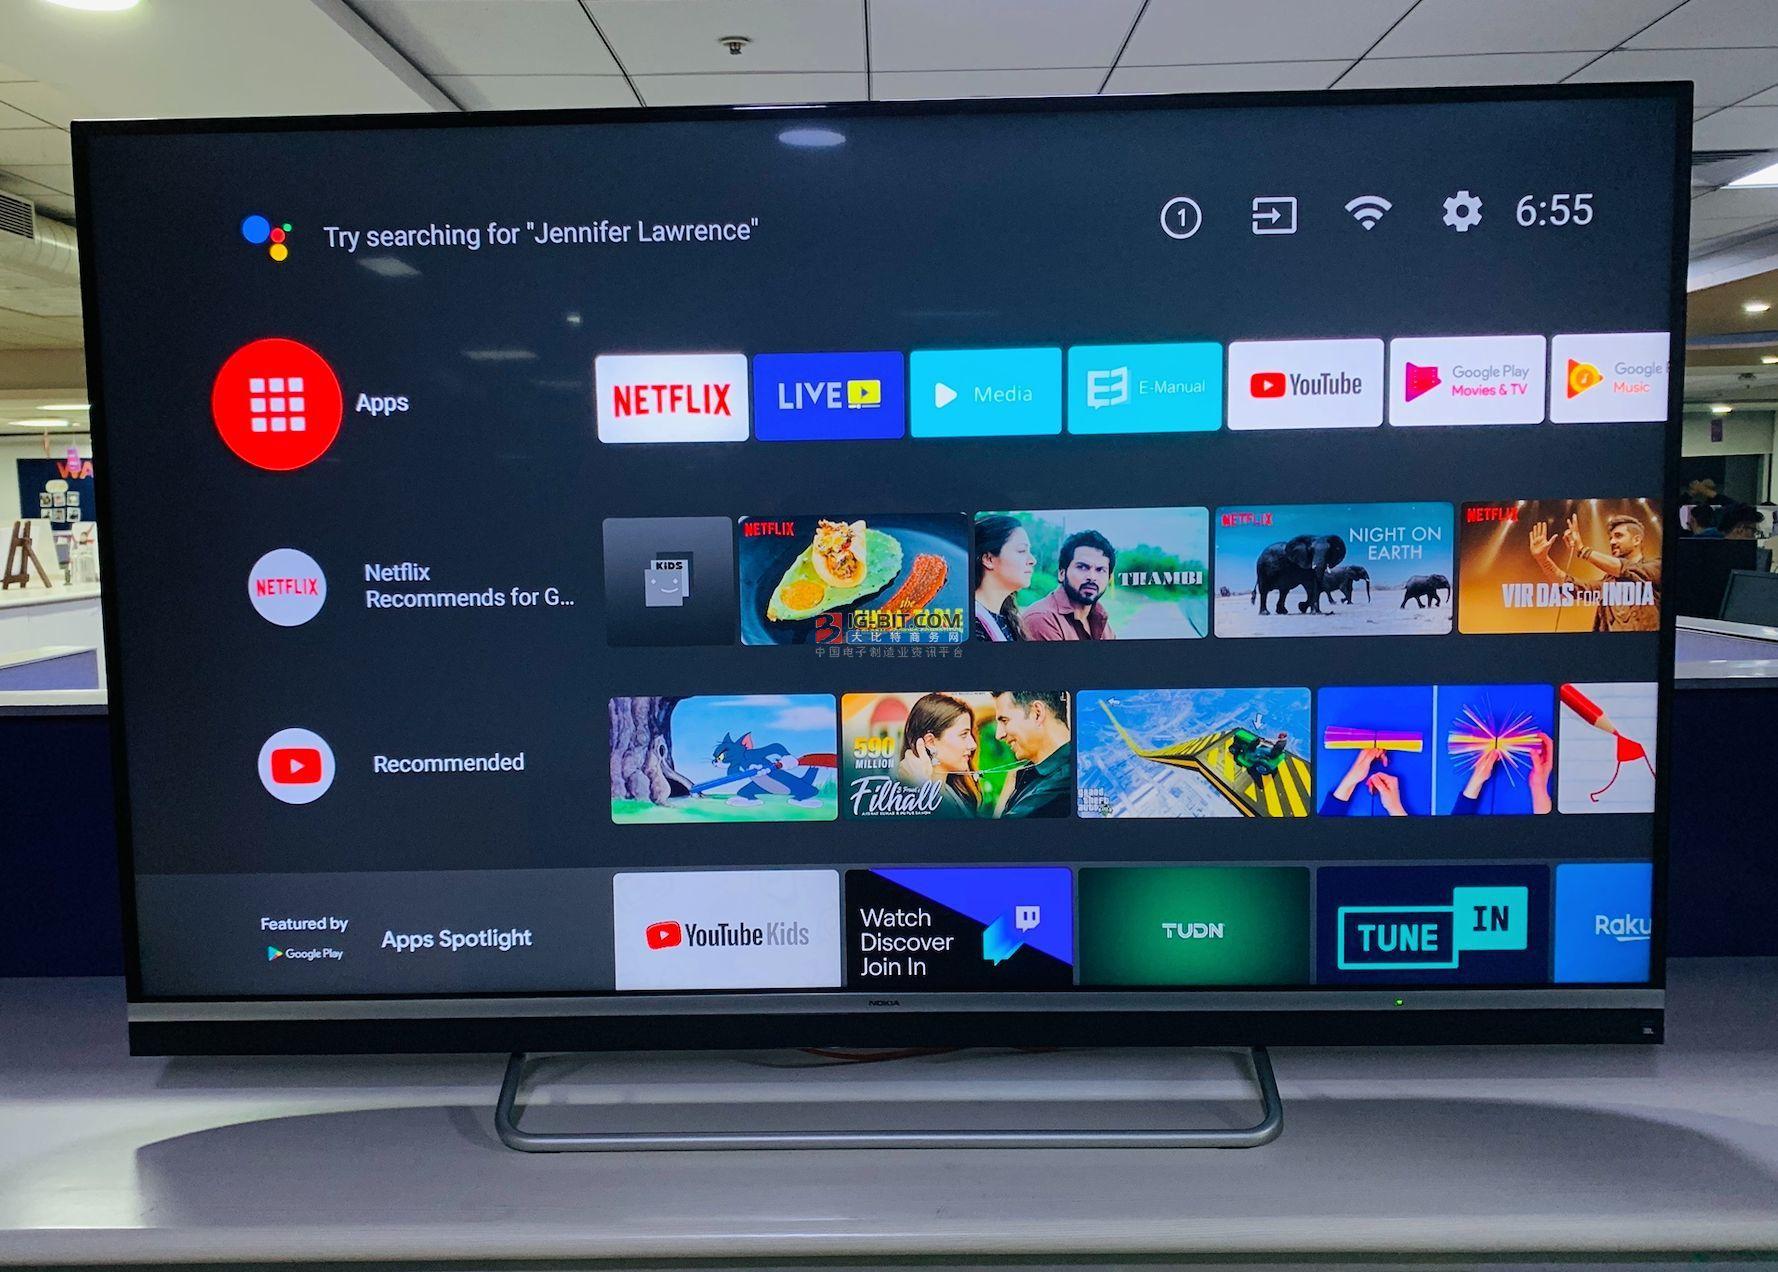 諾基亞將推出全新智能電視:43英寸4K屏